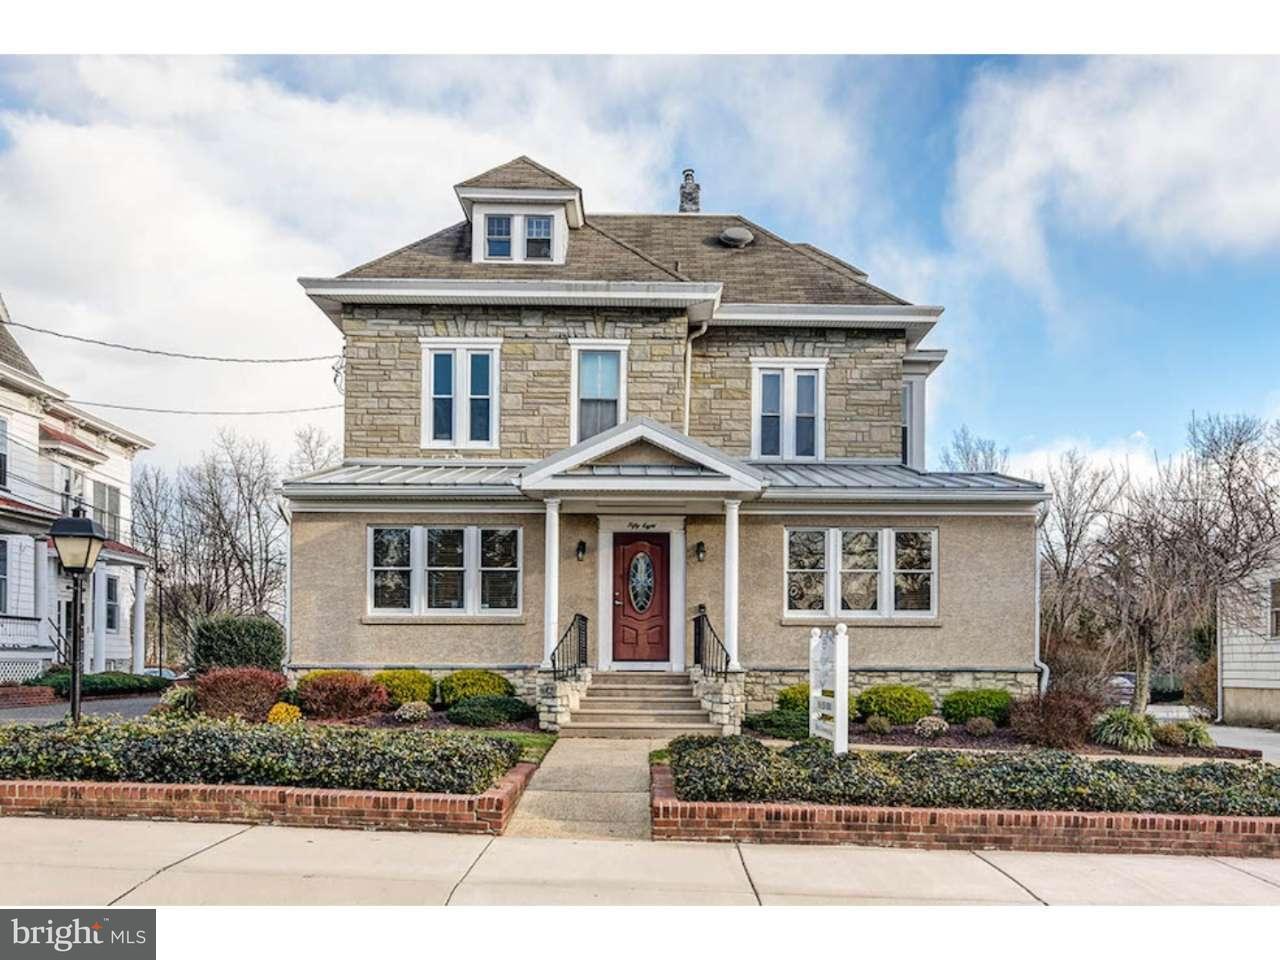 단독 가정 주택 용 매매 에 58 EUCLID Street Woodbury, 뉴저지 08096 미국